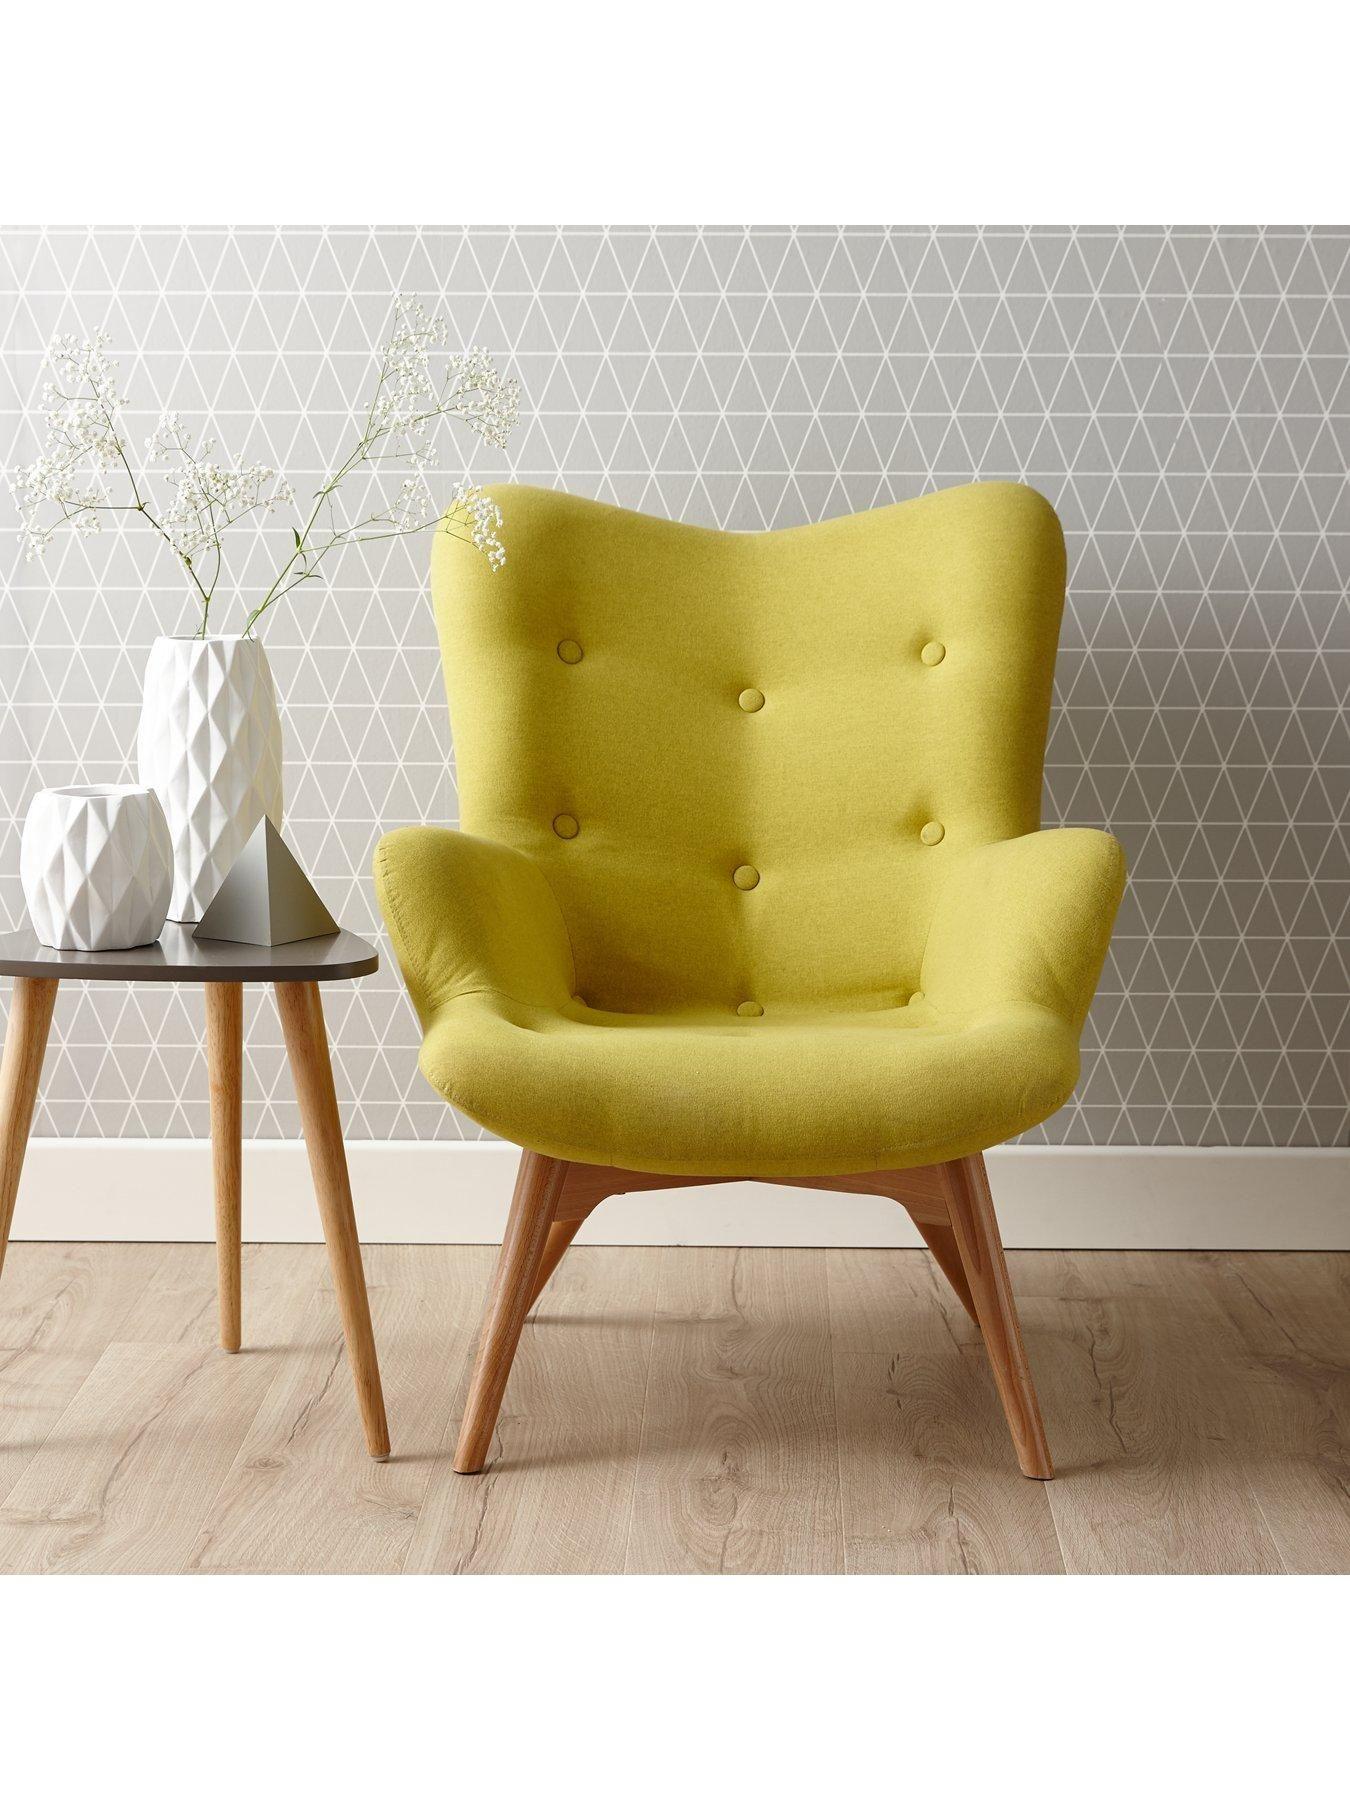 ideal home papillion contour fabric accent chair pinterest